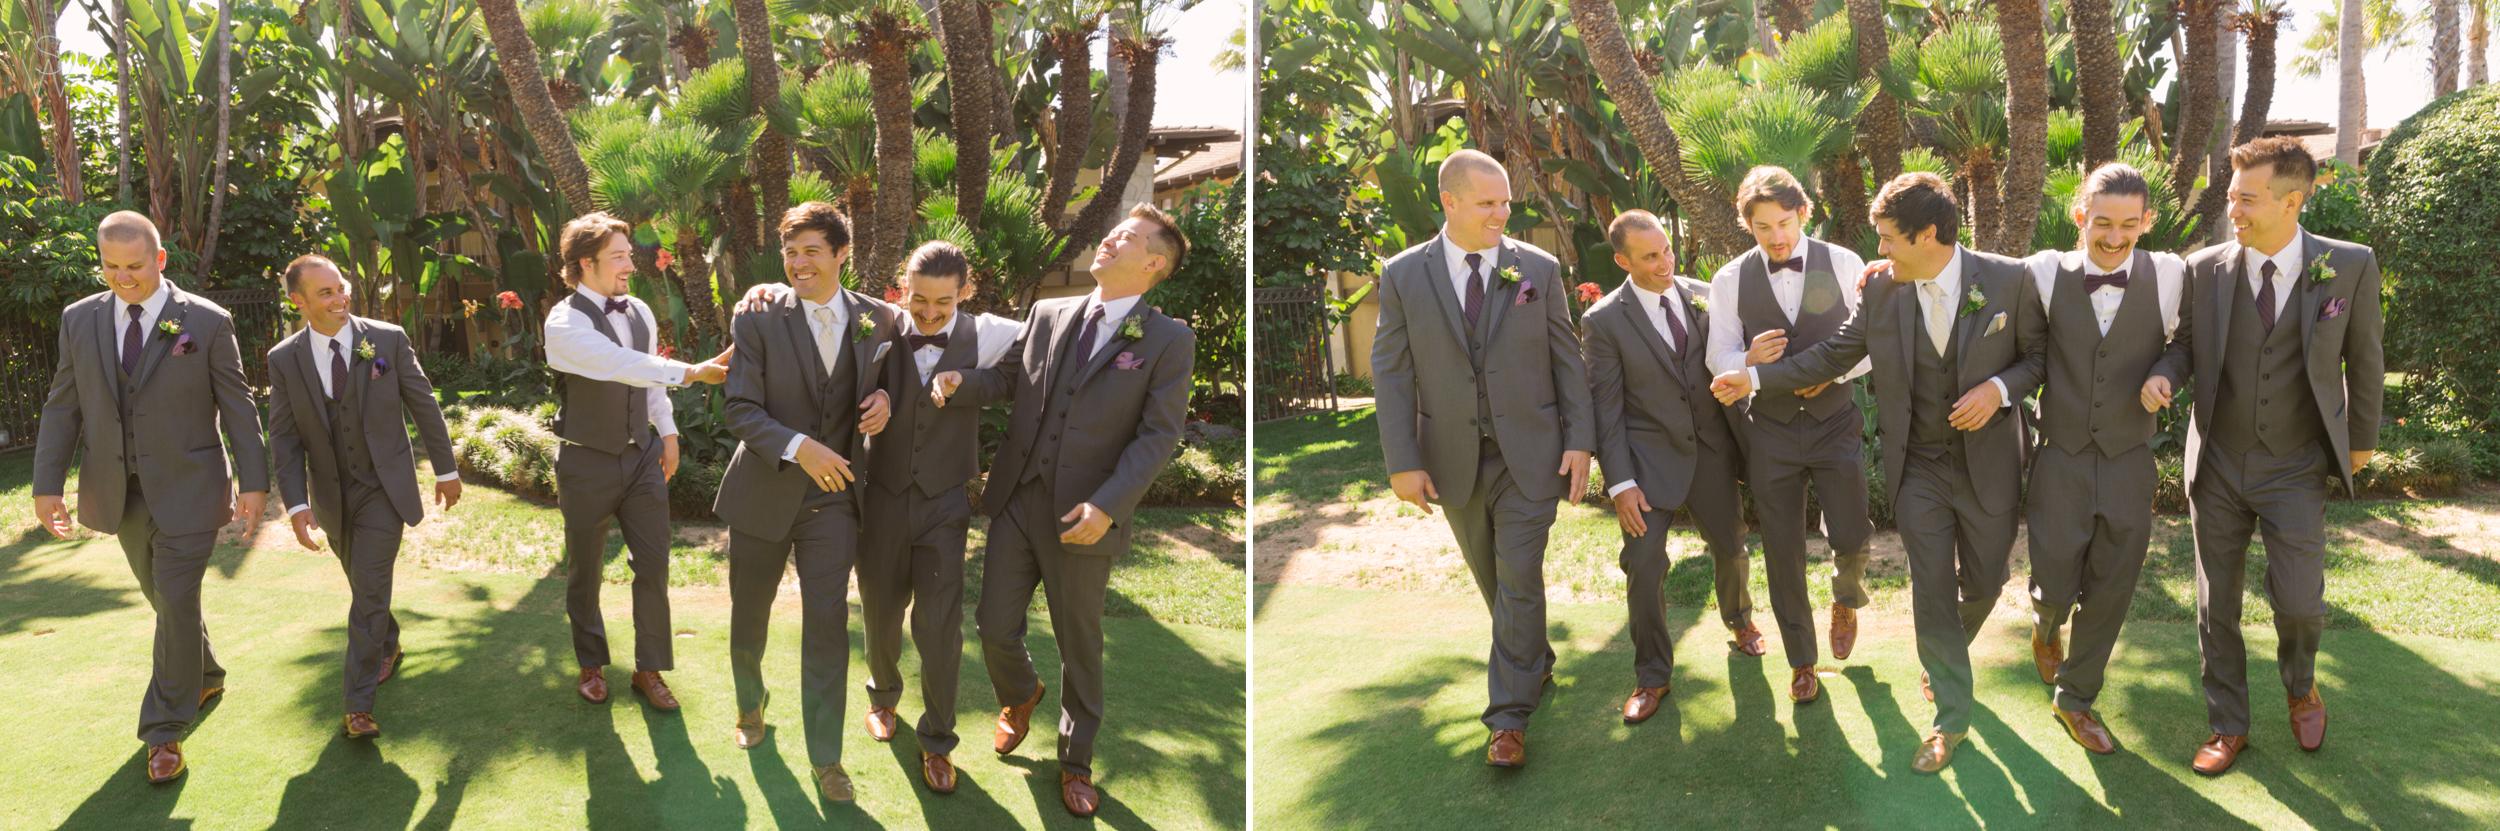 126San.diego.wedding.shewanders.photography.JPG